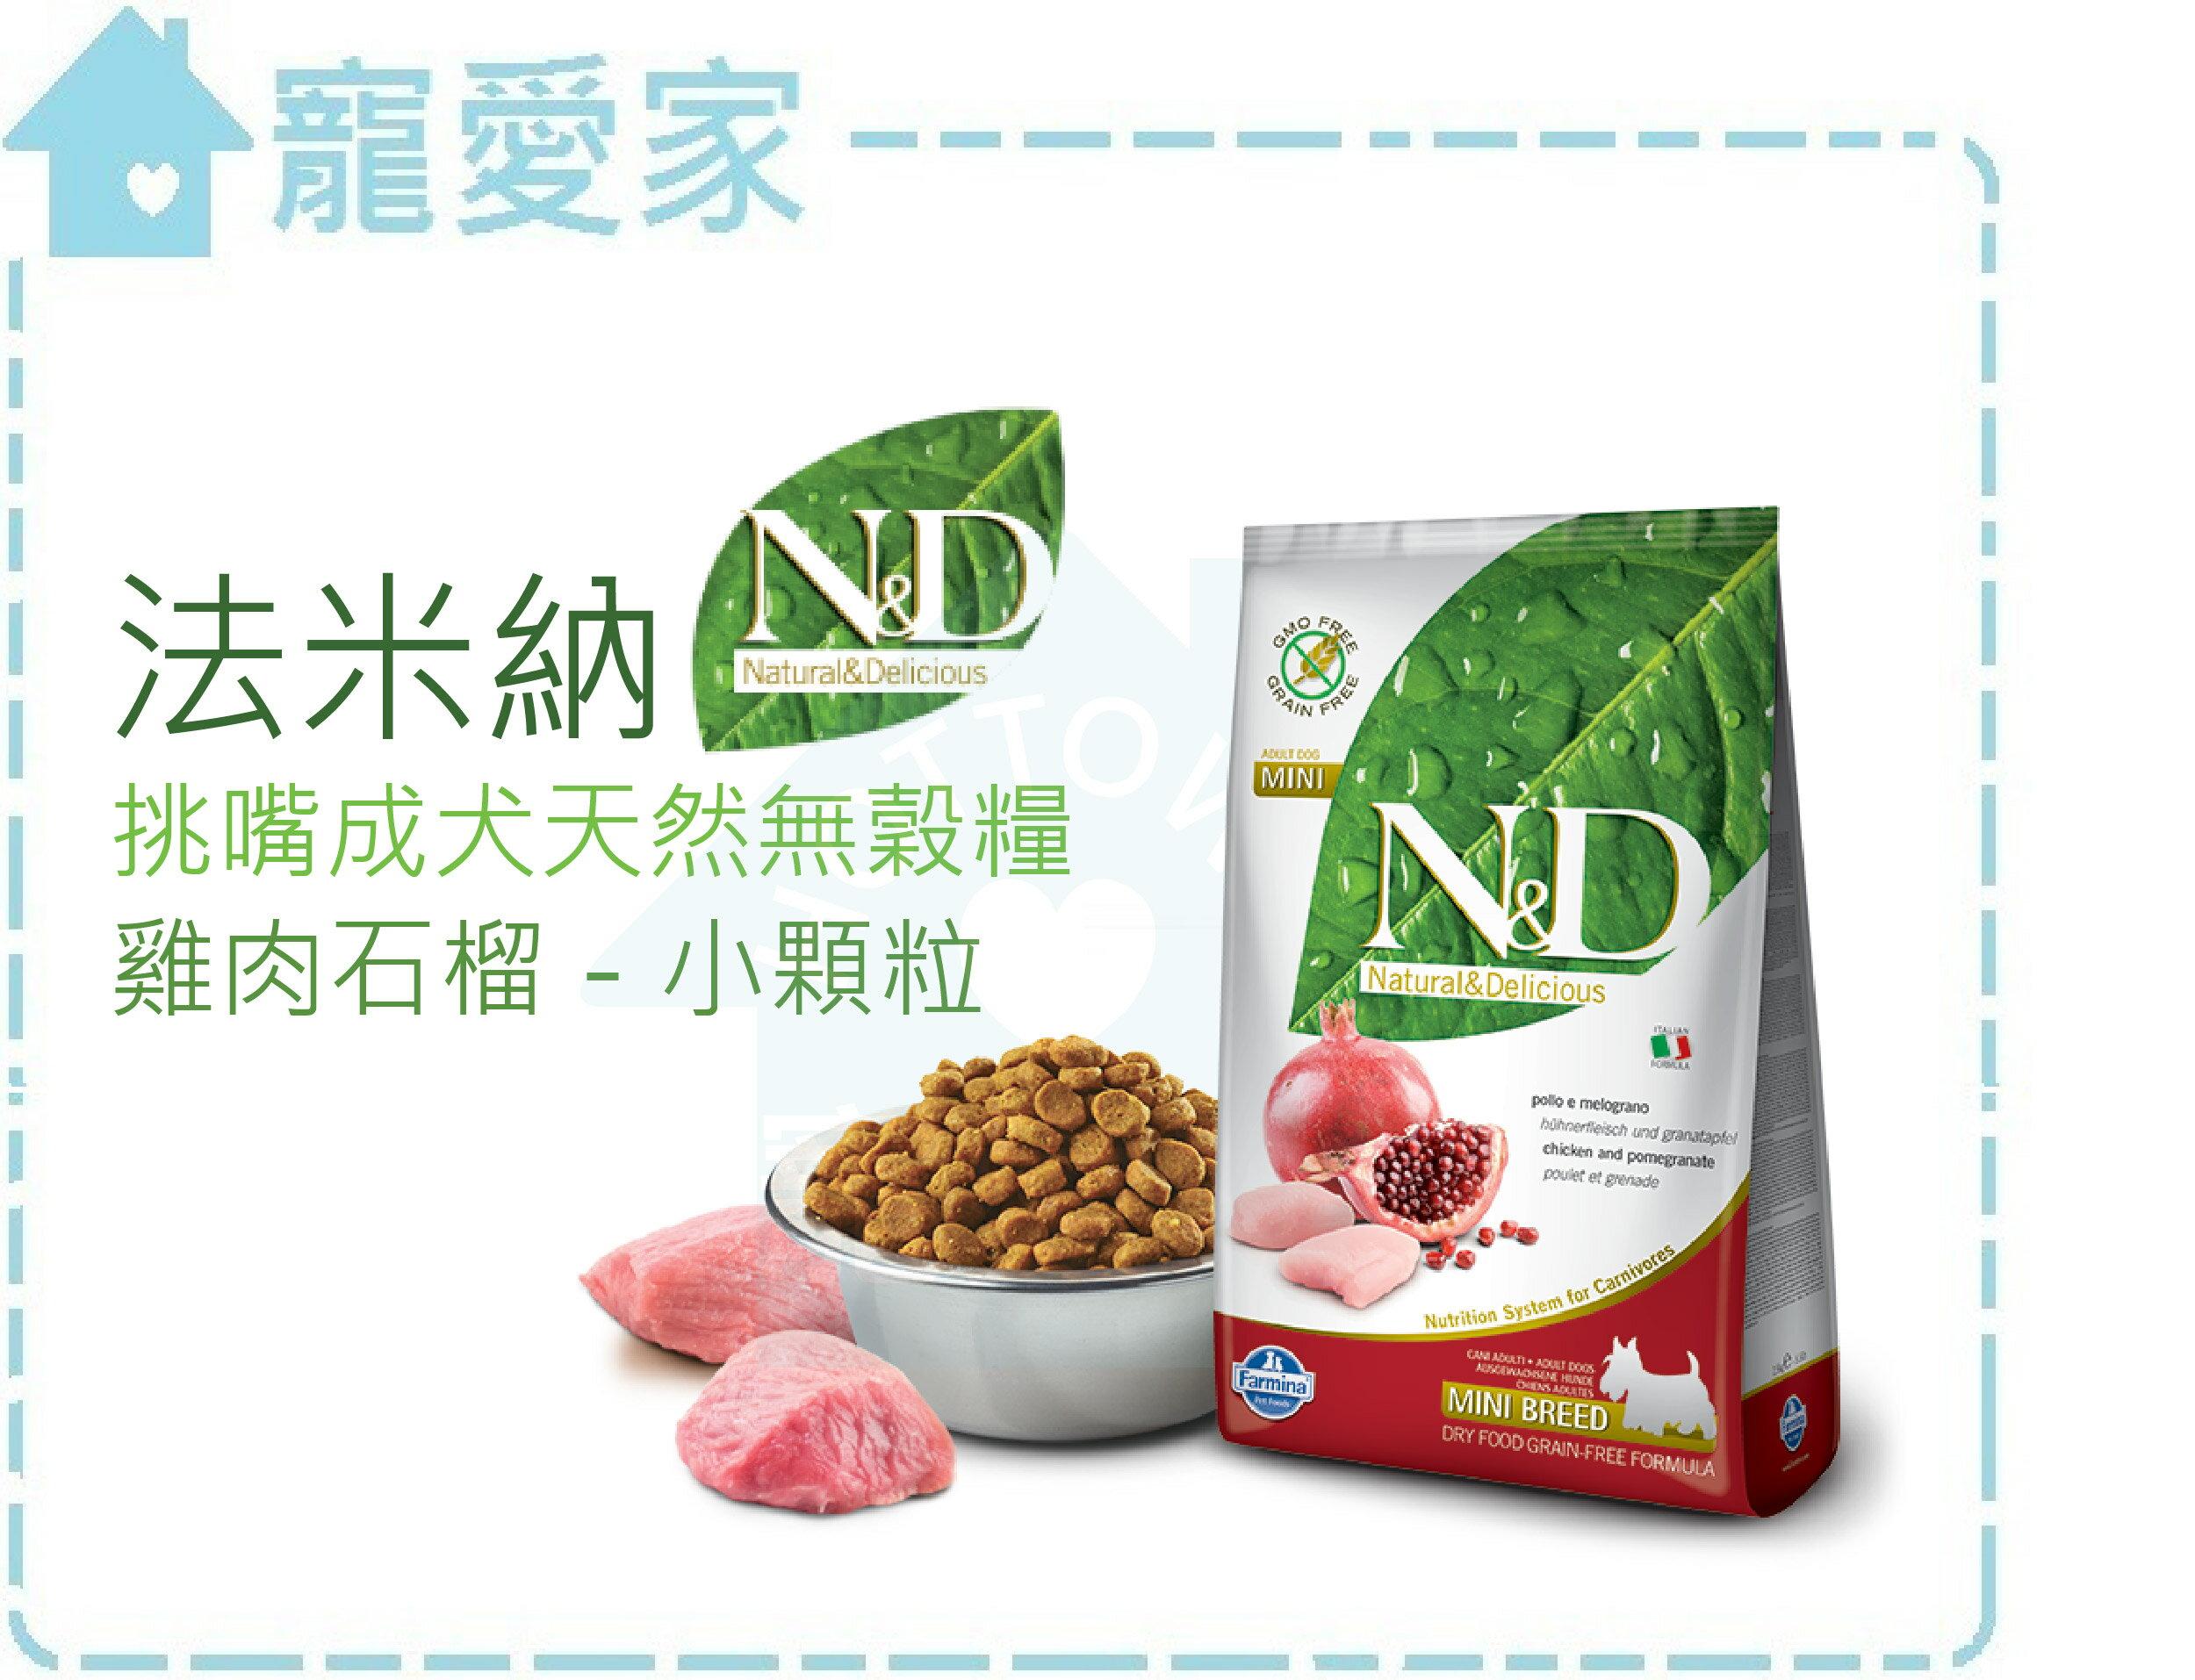 ☆寵愛家☆ 法米納 成犬無穀糧GD-2 雞肉石榴 小顆粒 0.8kg